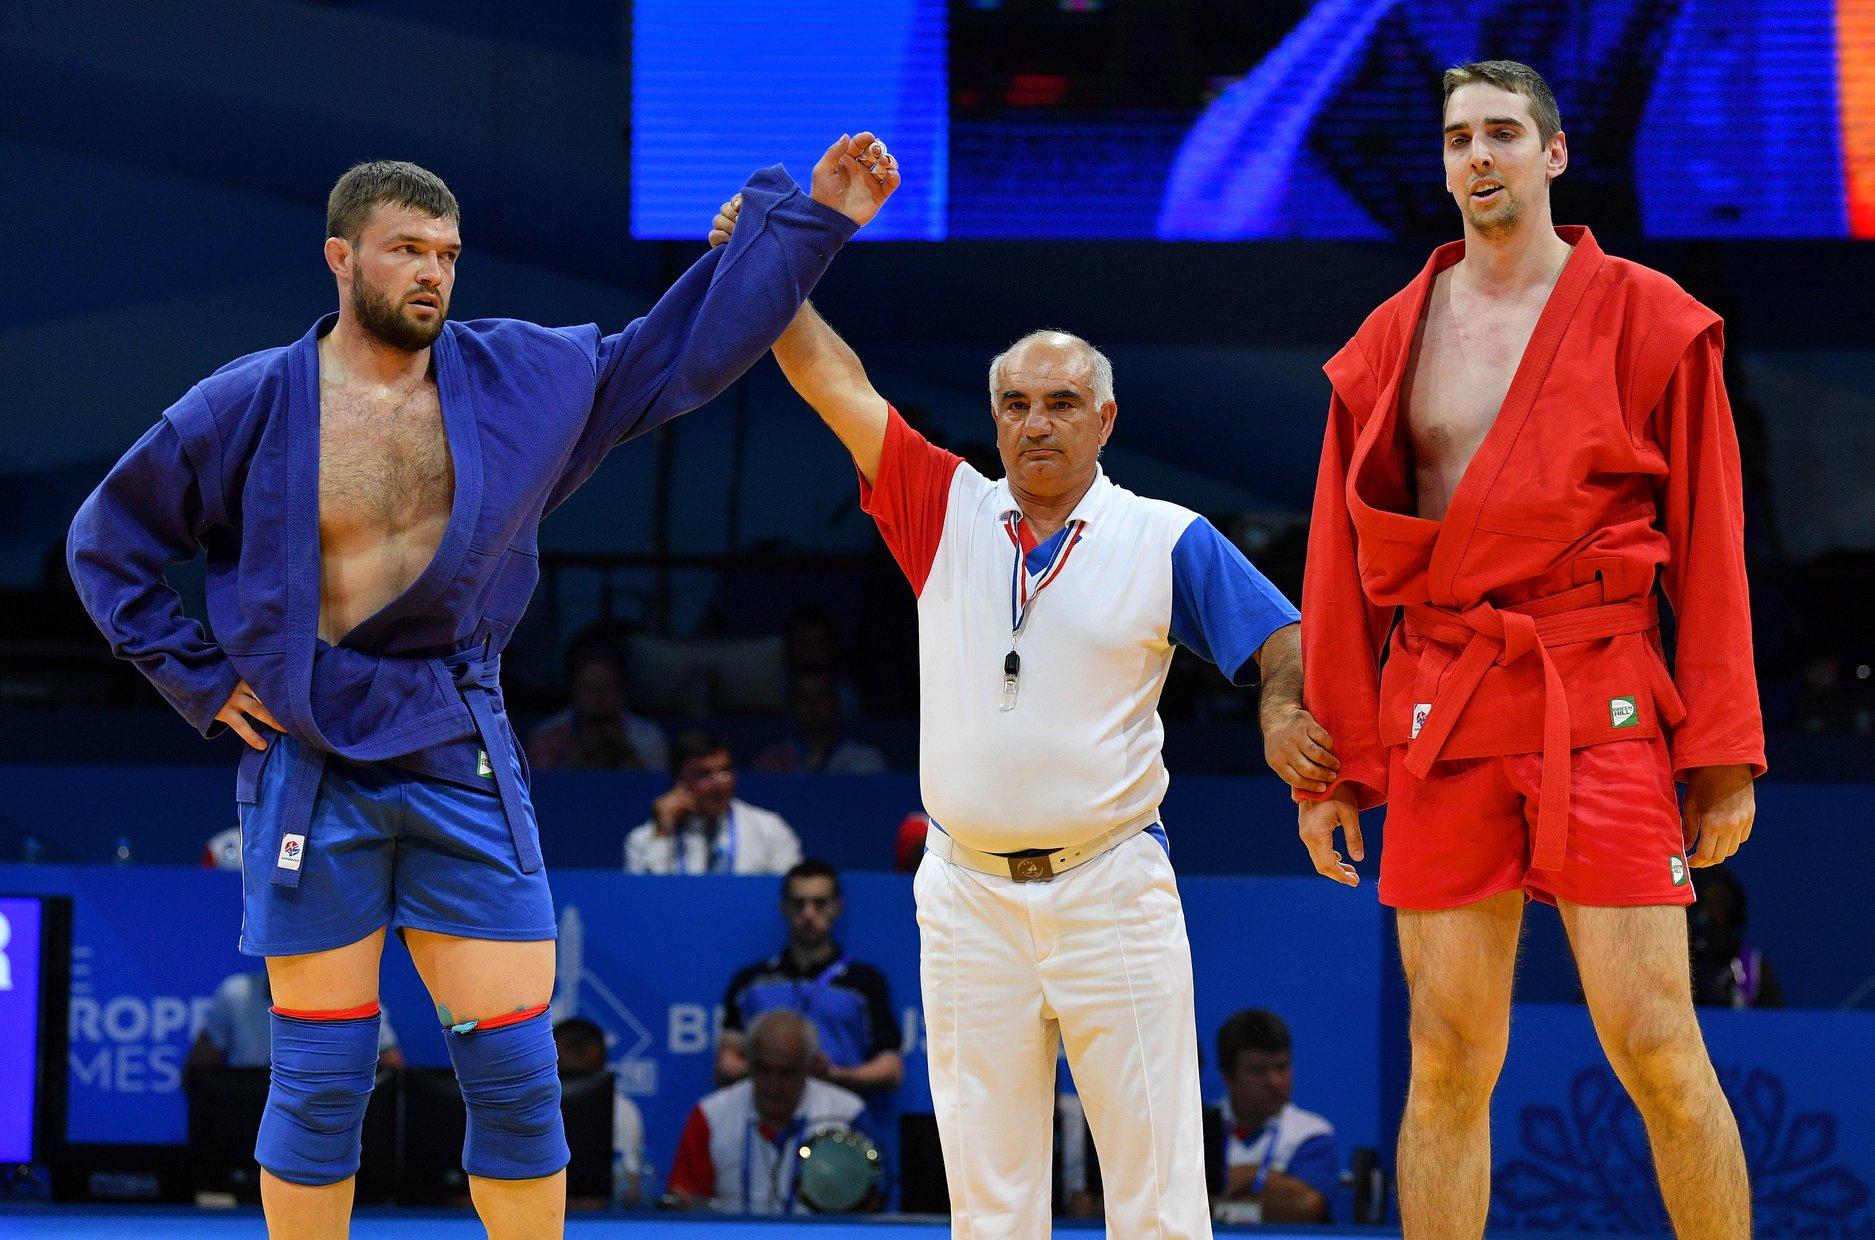 Un sambist bălțean aduce prima medalie pentru Moldova la Jocurile Europene de la Minsk